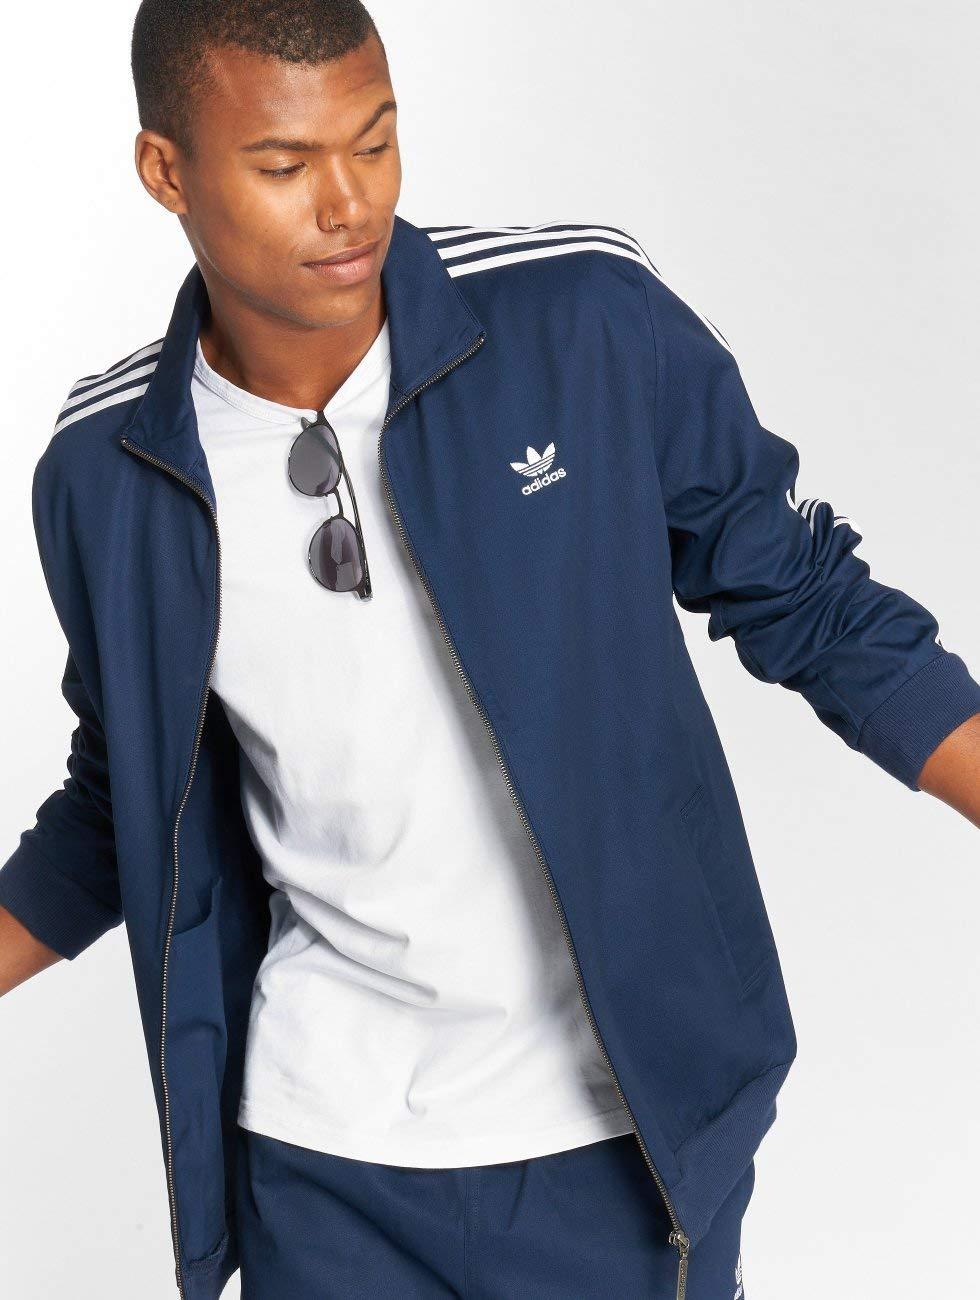 Adidas Co Wvn TT, Giacca Tuta Uomo DL8639